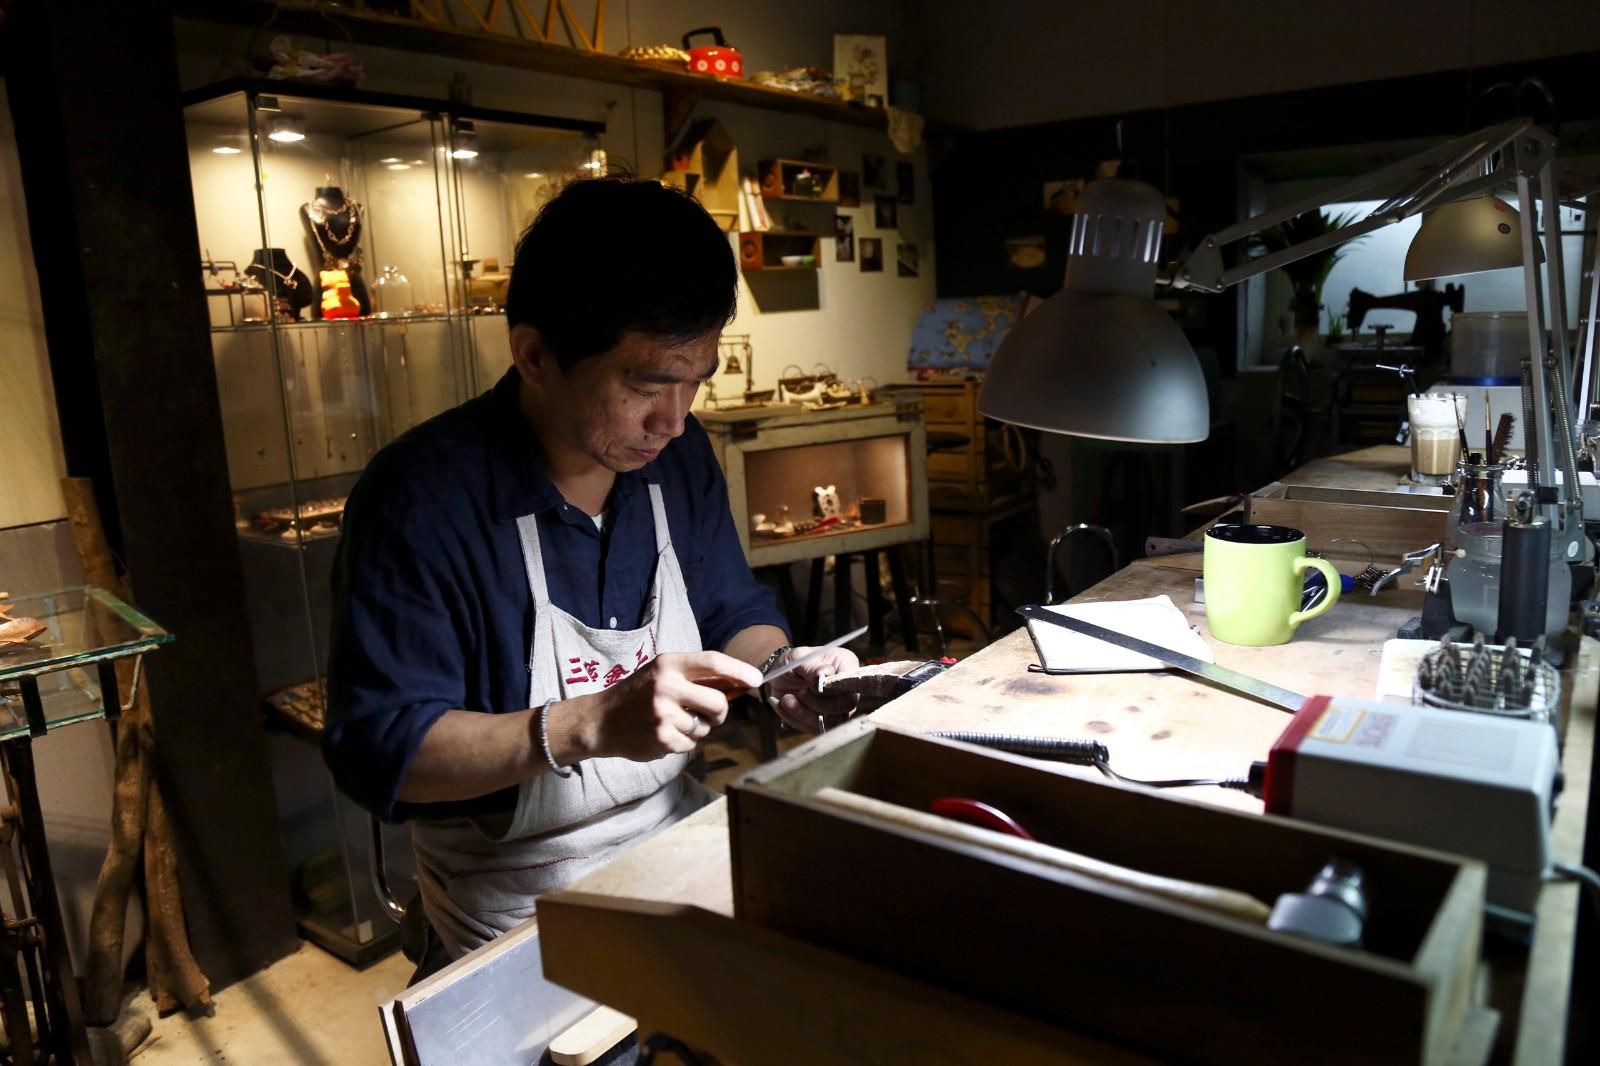 一日職人DIY體驗 - 三峽金工職人 | 甘樂文創 | 甘之如飴,樂在其中